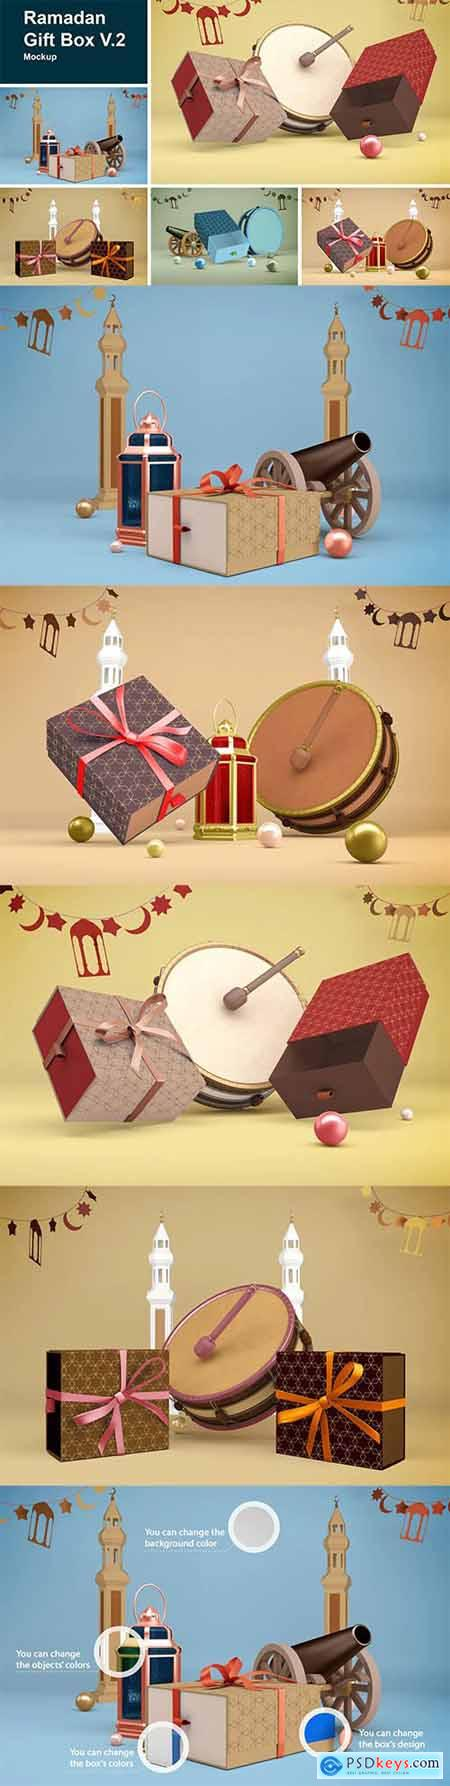 Ramadan Gift Box V.2